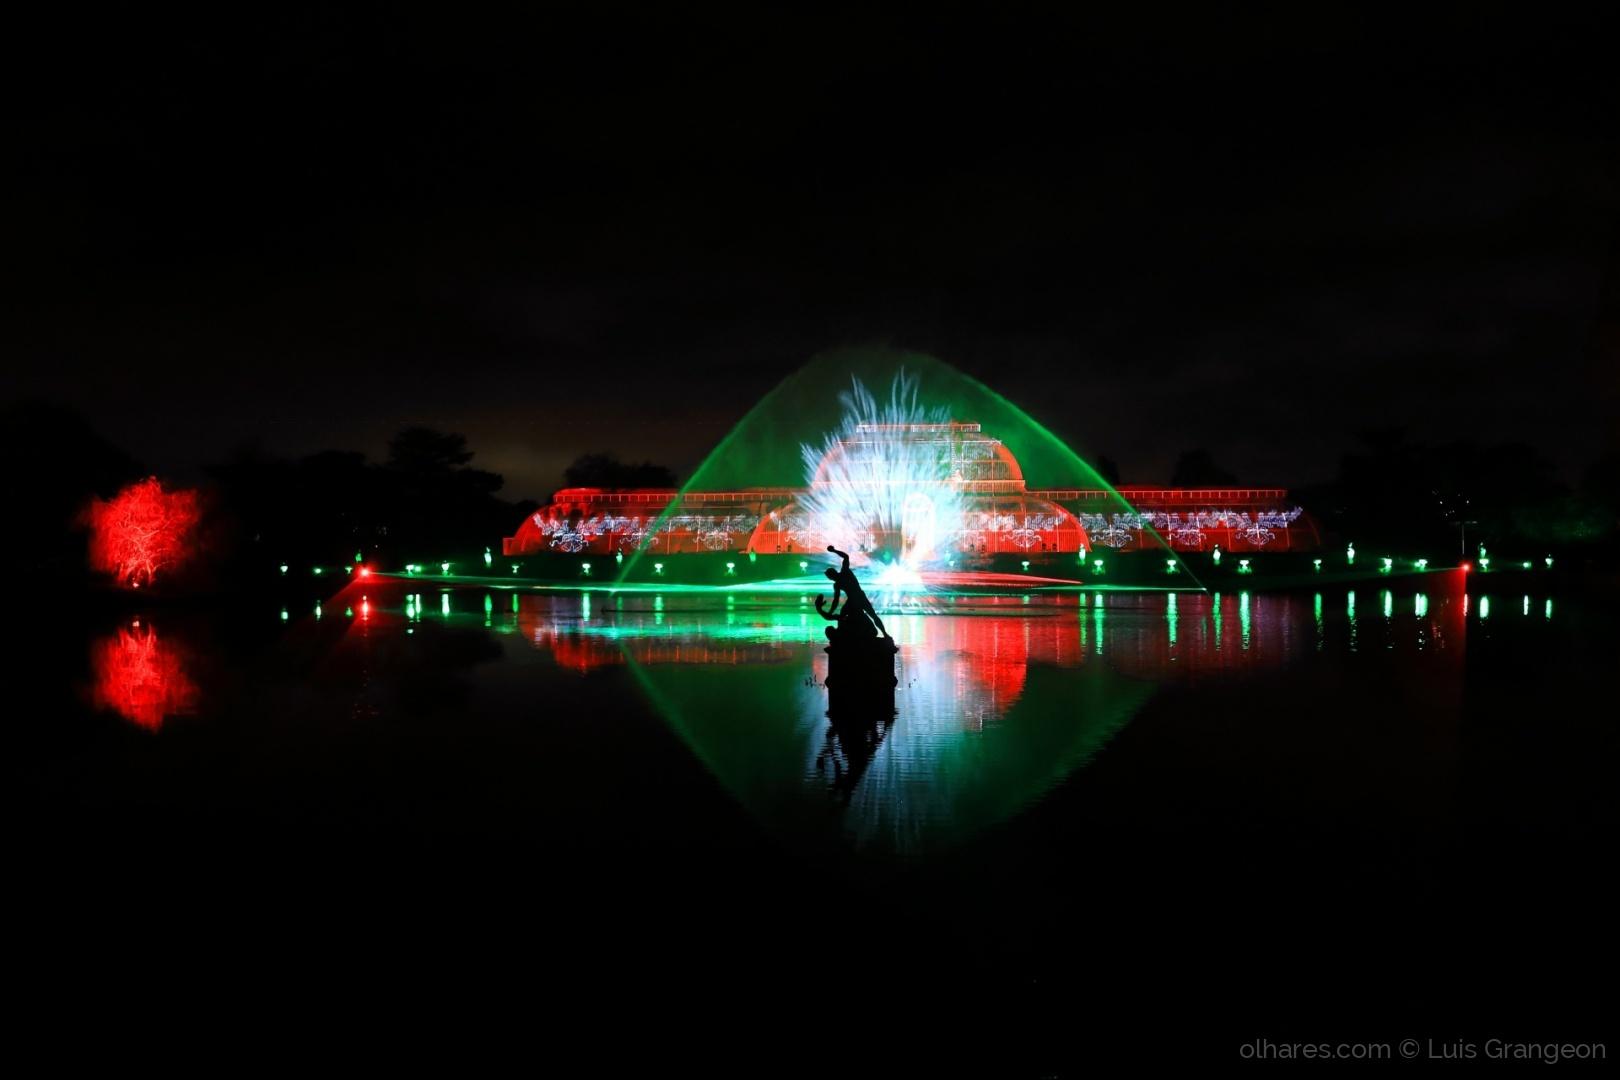 Espetáculos/Reflexos em vermelho e verde